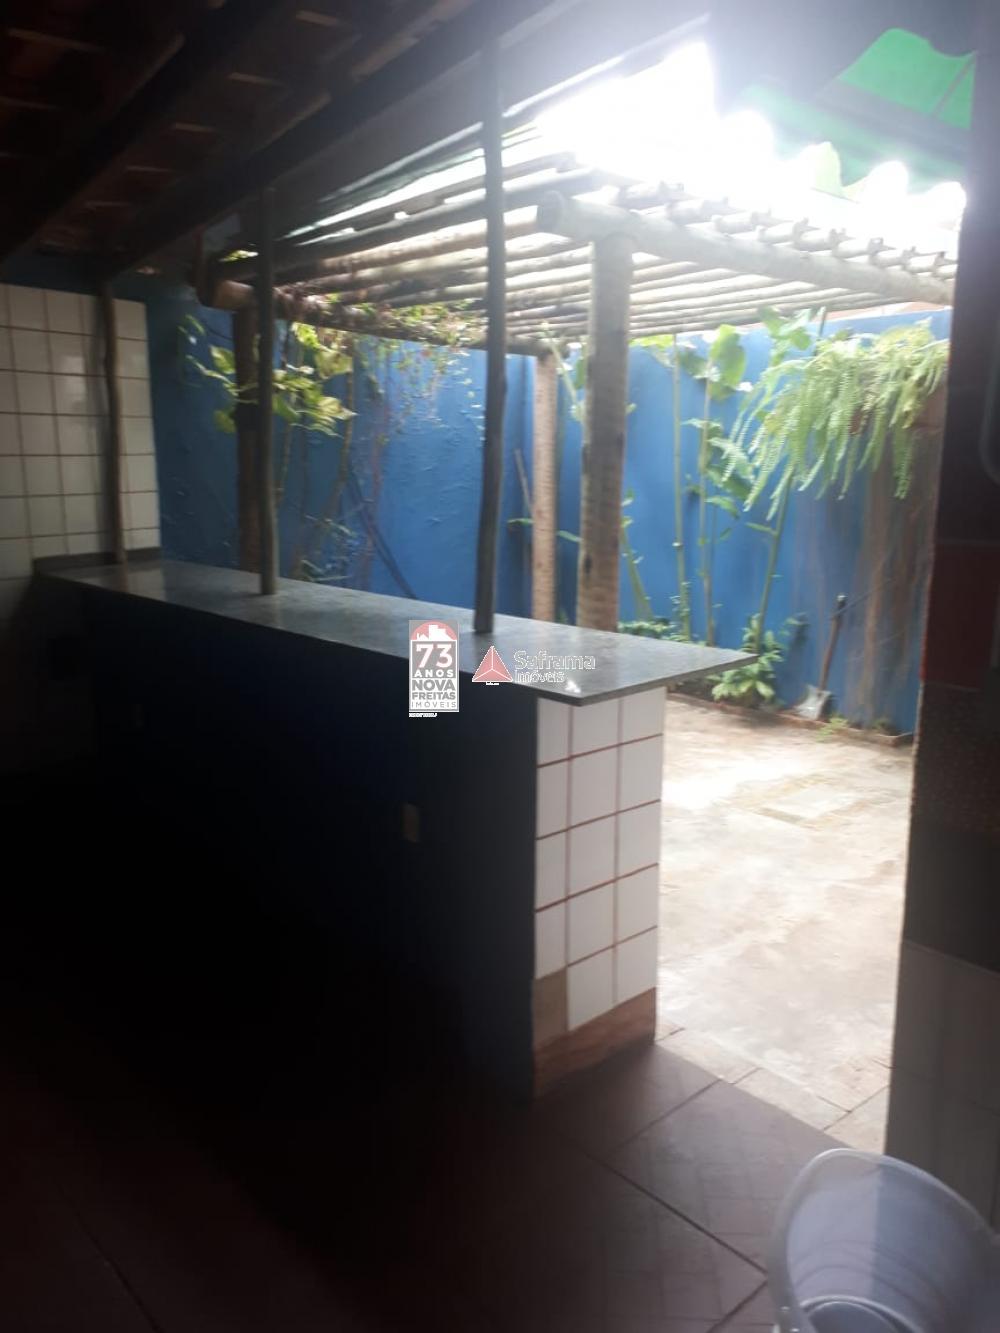 Alugar Casa / Sobrado em Condomínio em Ubatuba R$ 2.800,00 - Foto 8